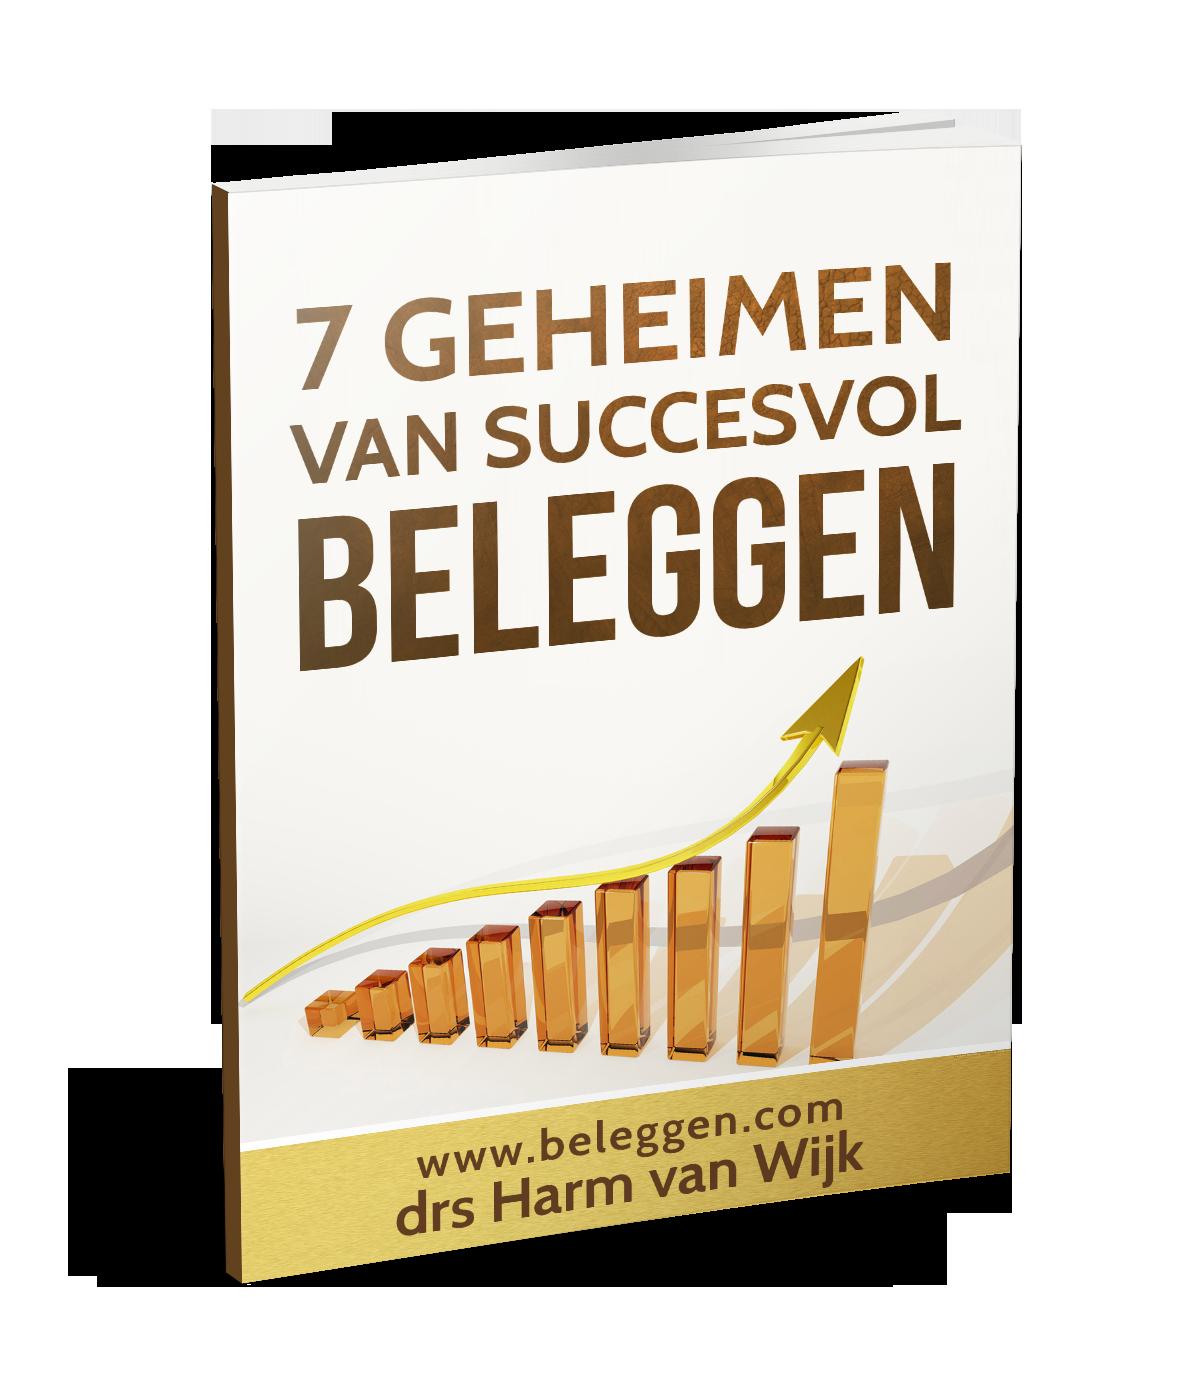 e-book cover 7 geheimen van succesvol beleggen